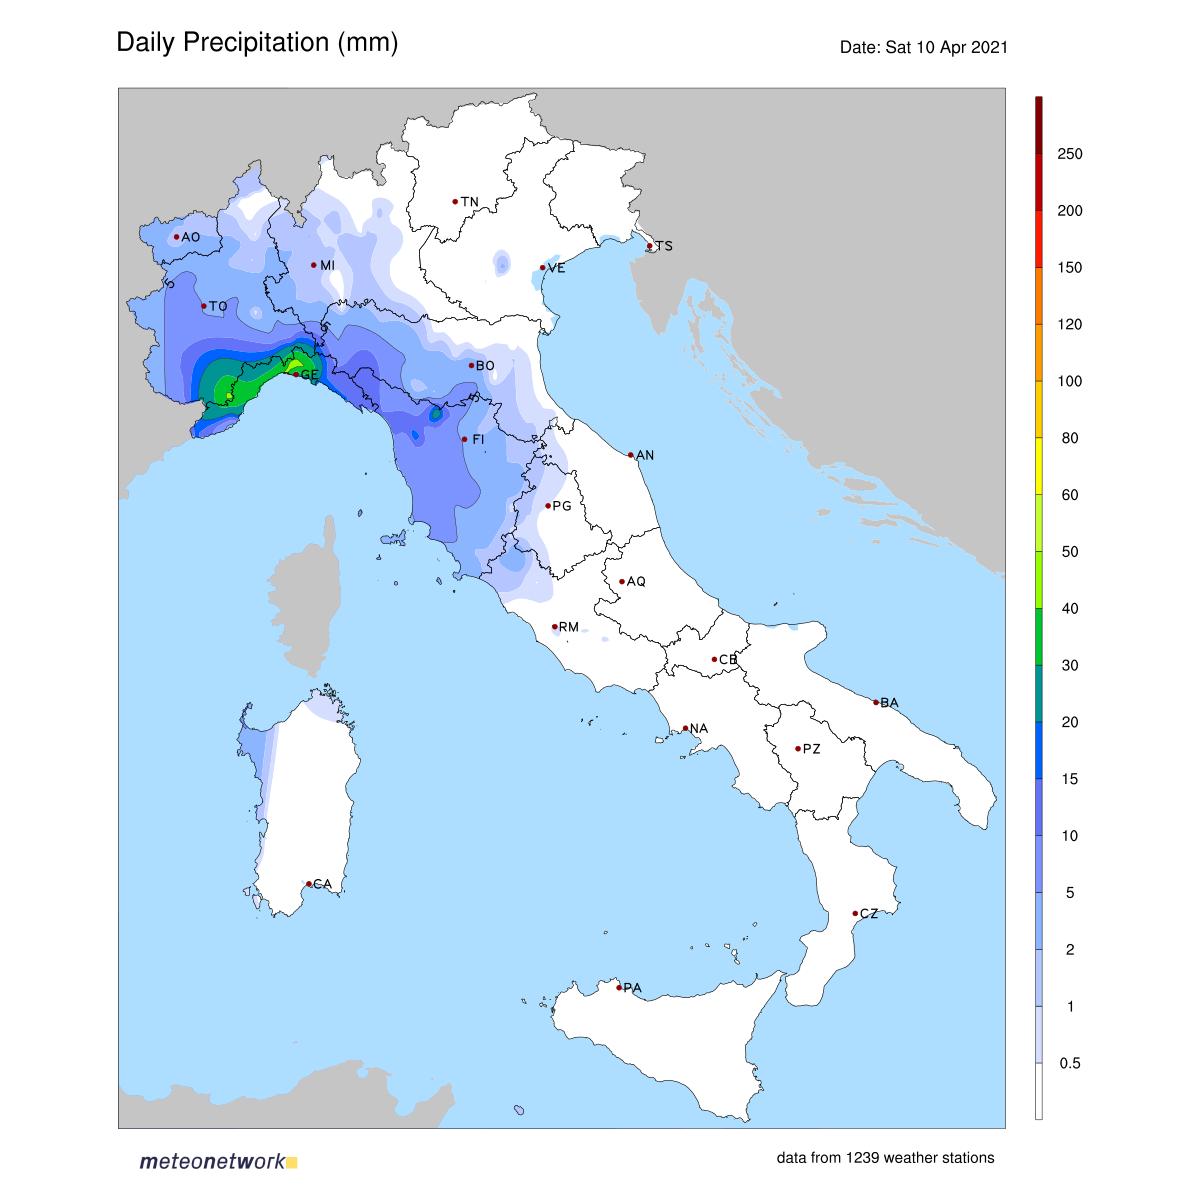 Dati Meteo 2021-04-10 prec_italia